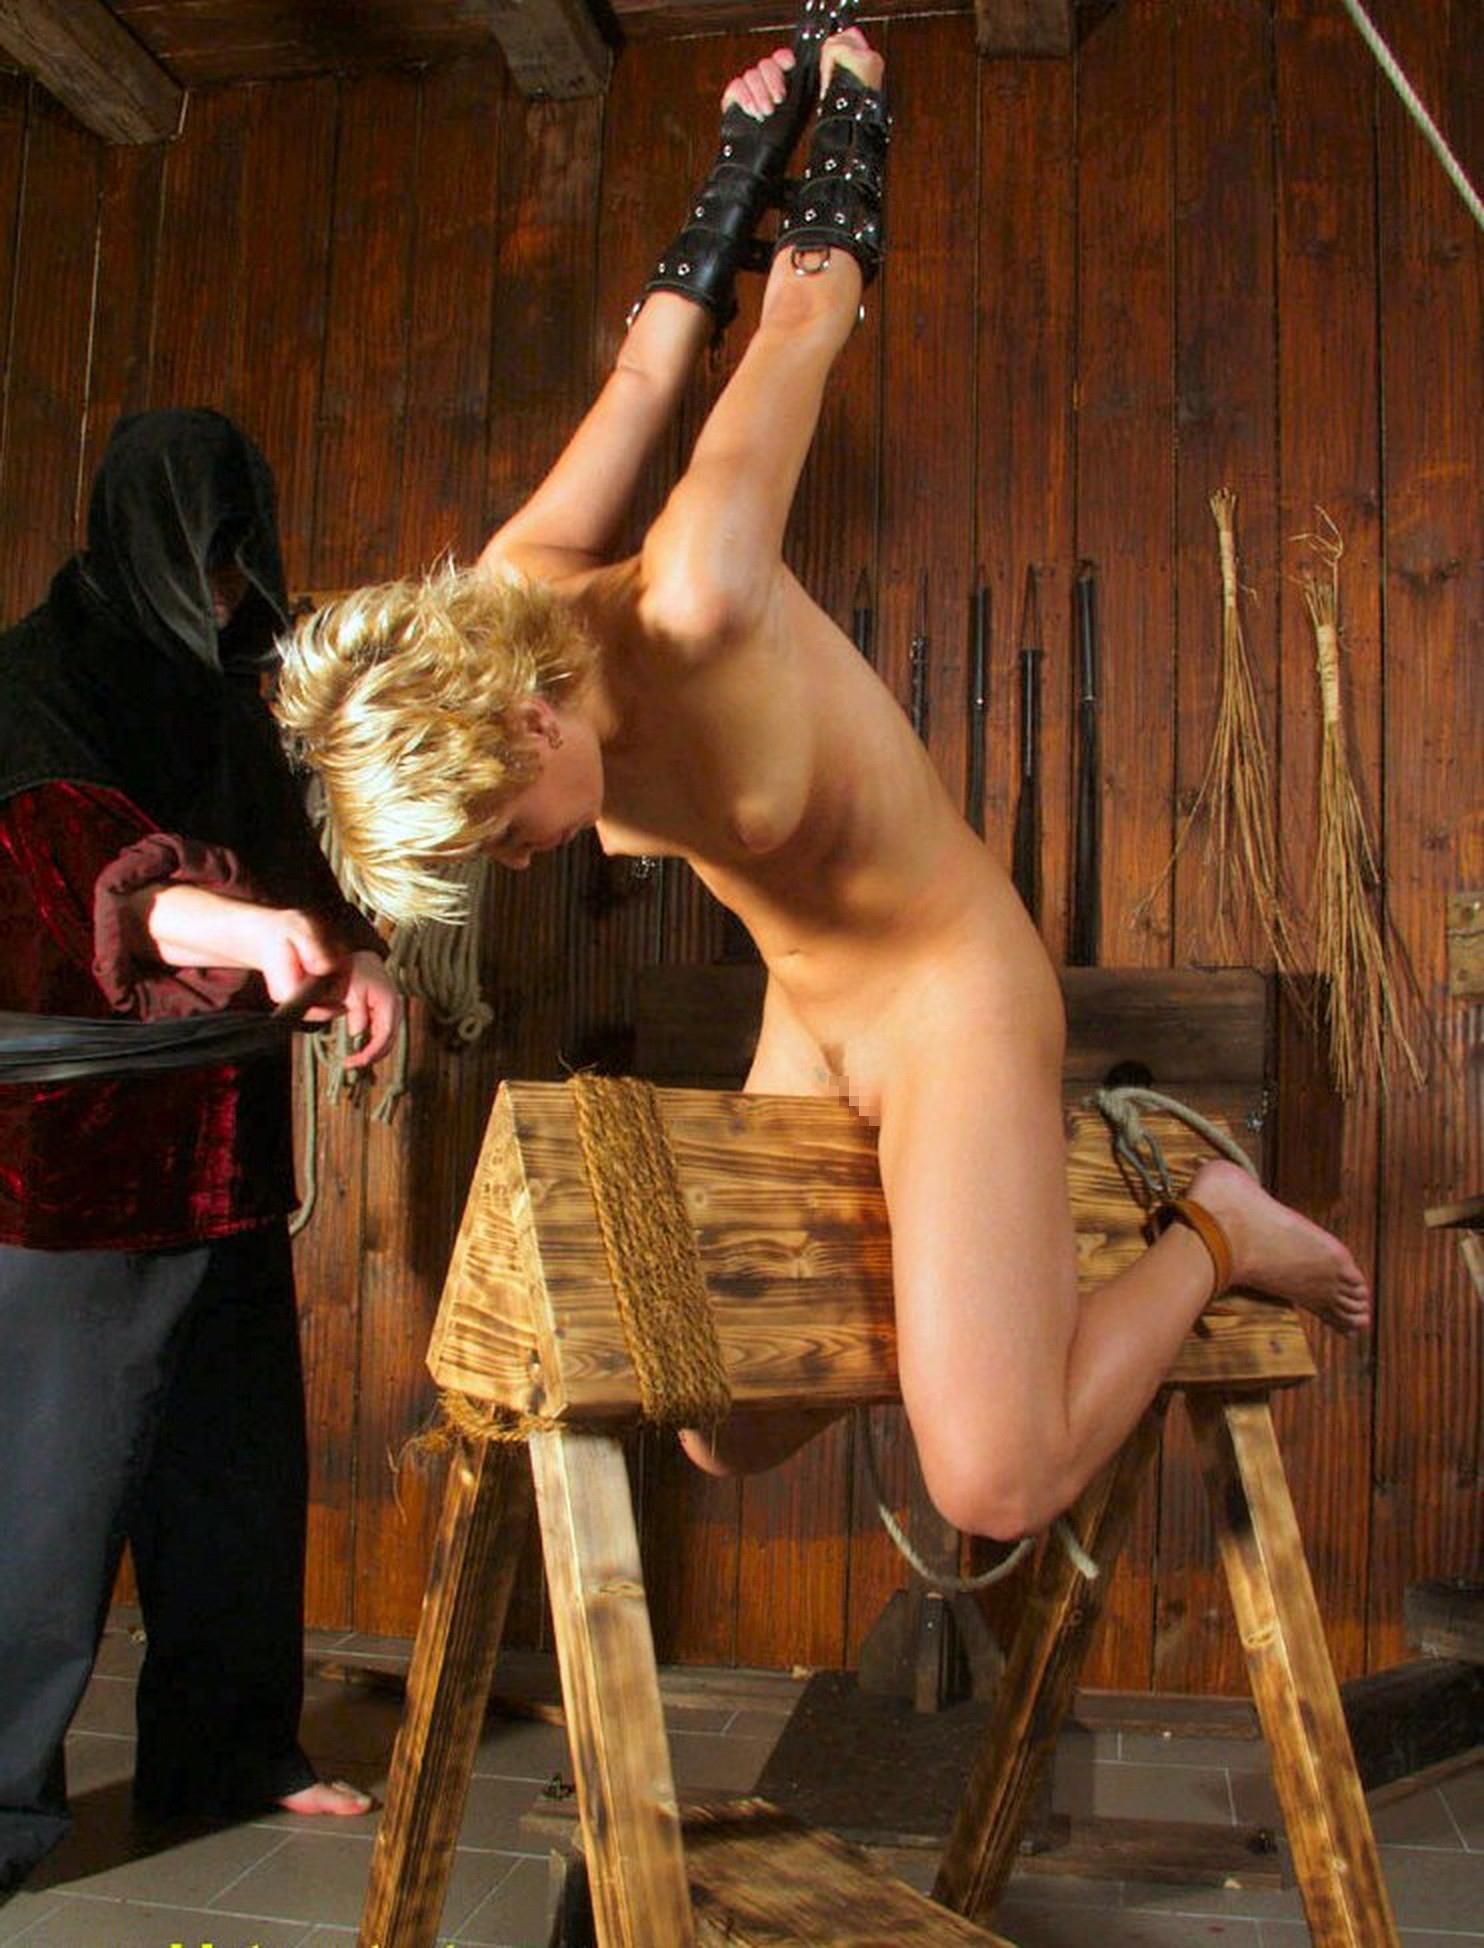 【閲覧注意】ガチの三角木馬とかいう拷問器具怖すぎwwwwwwwwwww(画像あり)・10枚目